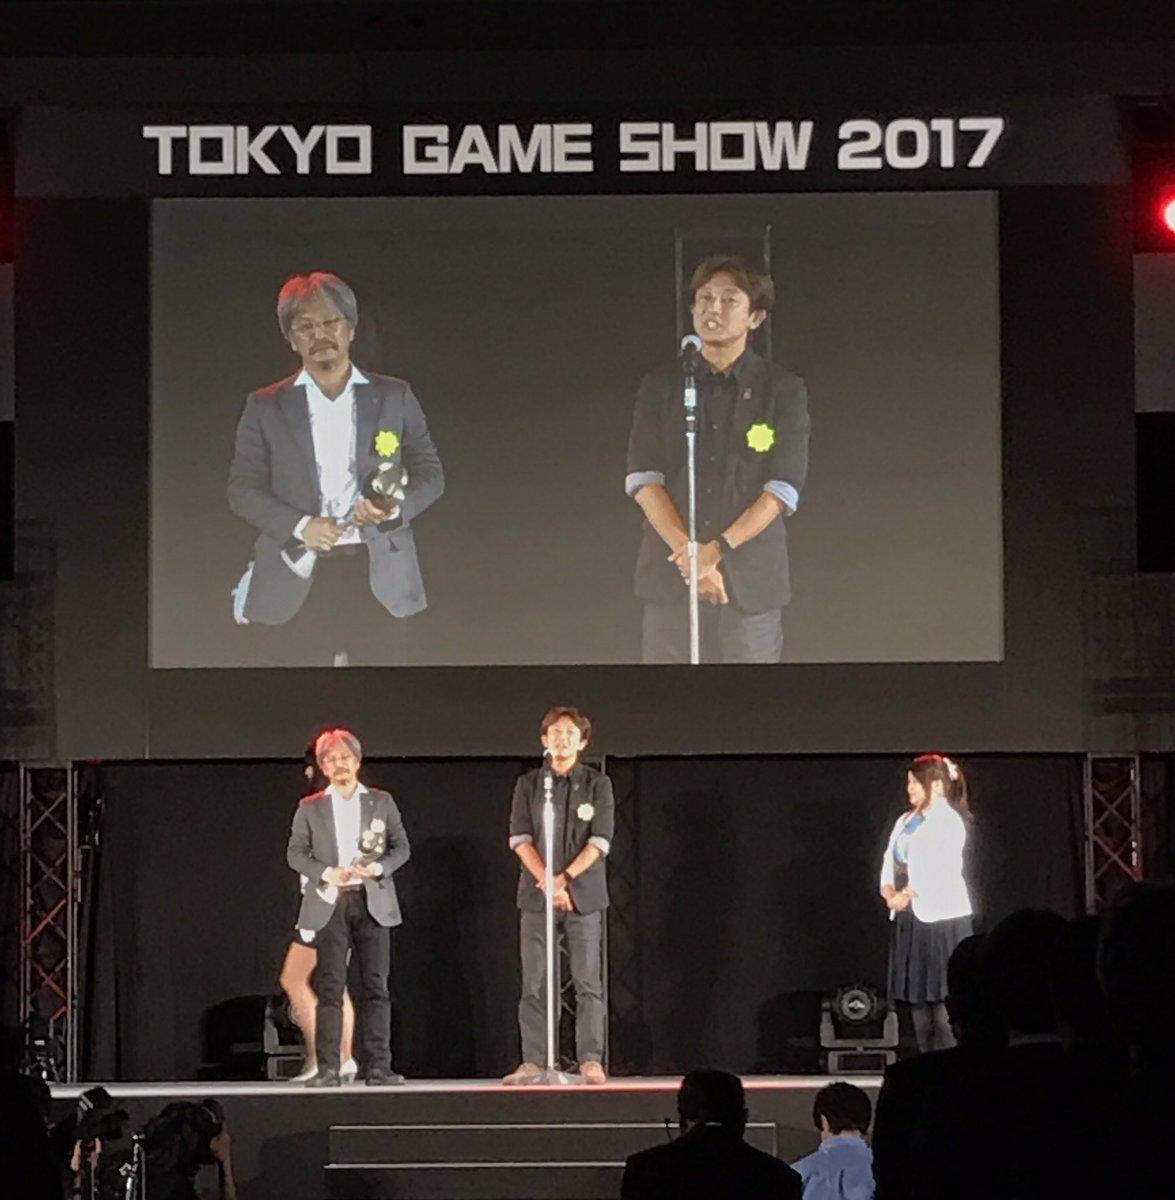 【ダイジェスト映像追加】「日本ゲーム大賞 2017」は『ゼルダの伝説 ブレス オブ ザ ワイルド』が受賞!